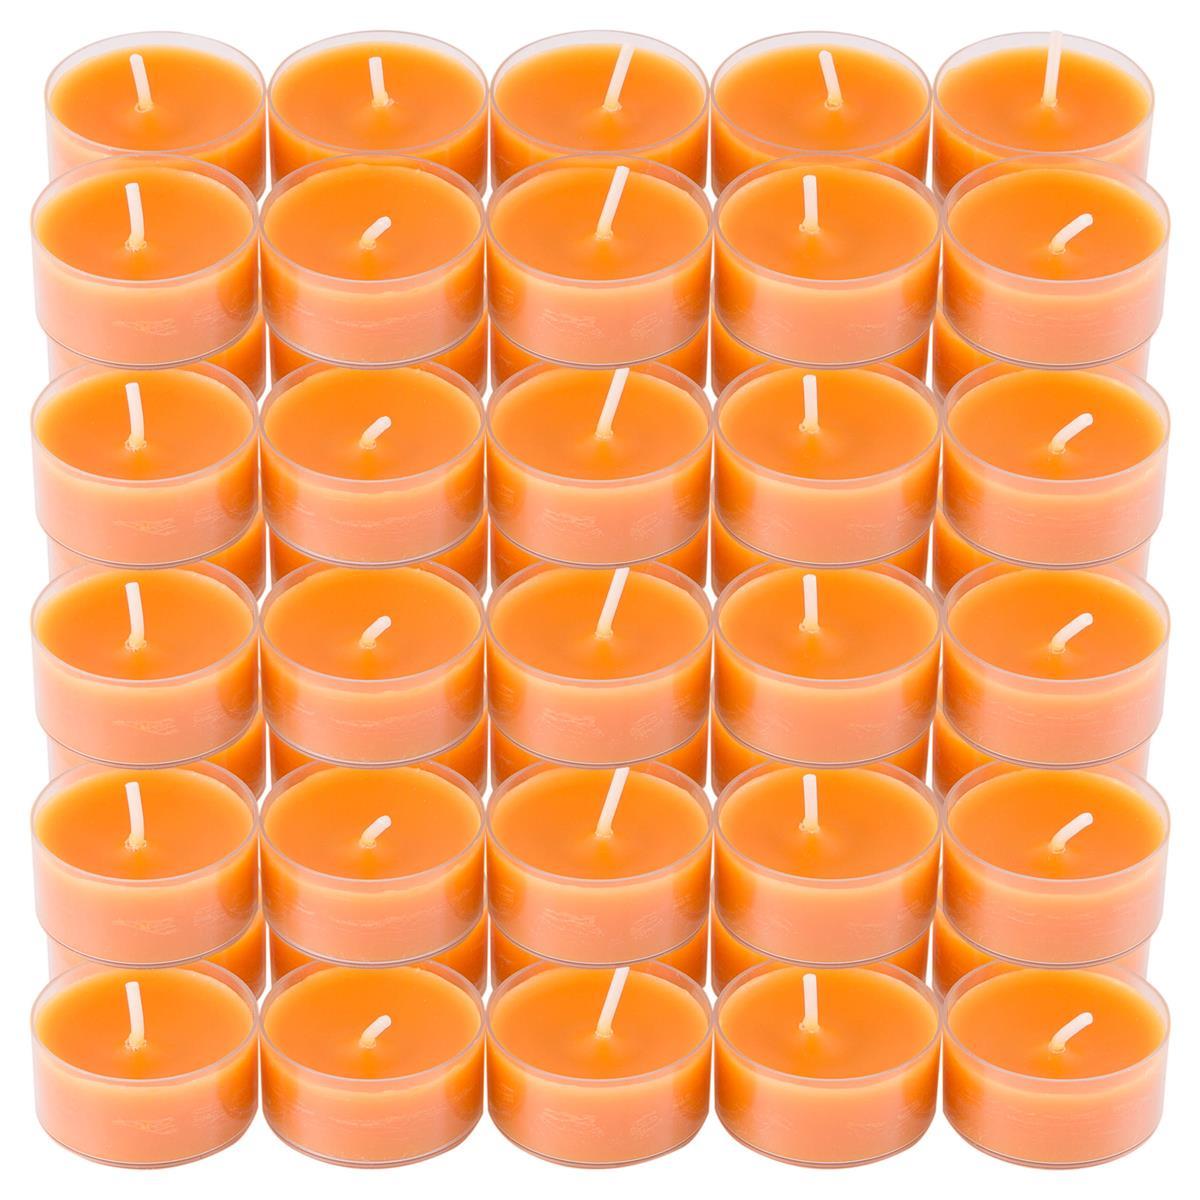 50er Set Teelichter PC Cup-Lichter safran 5x10 Stück Brenndauer ca. 4h 2x3,5 cm